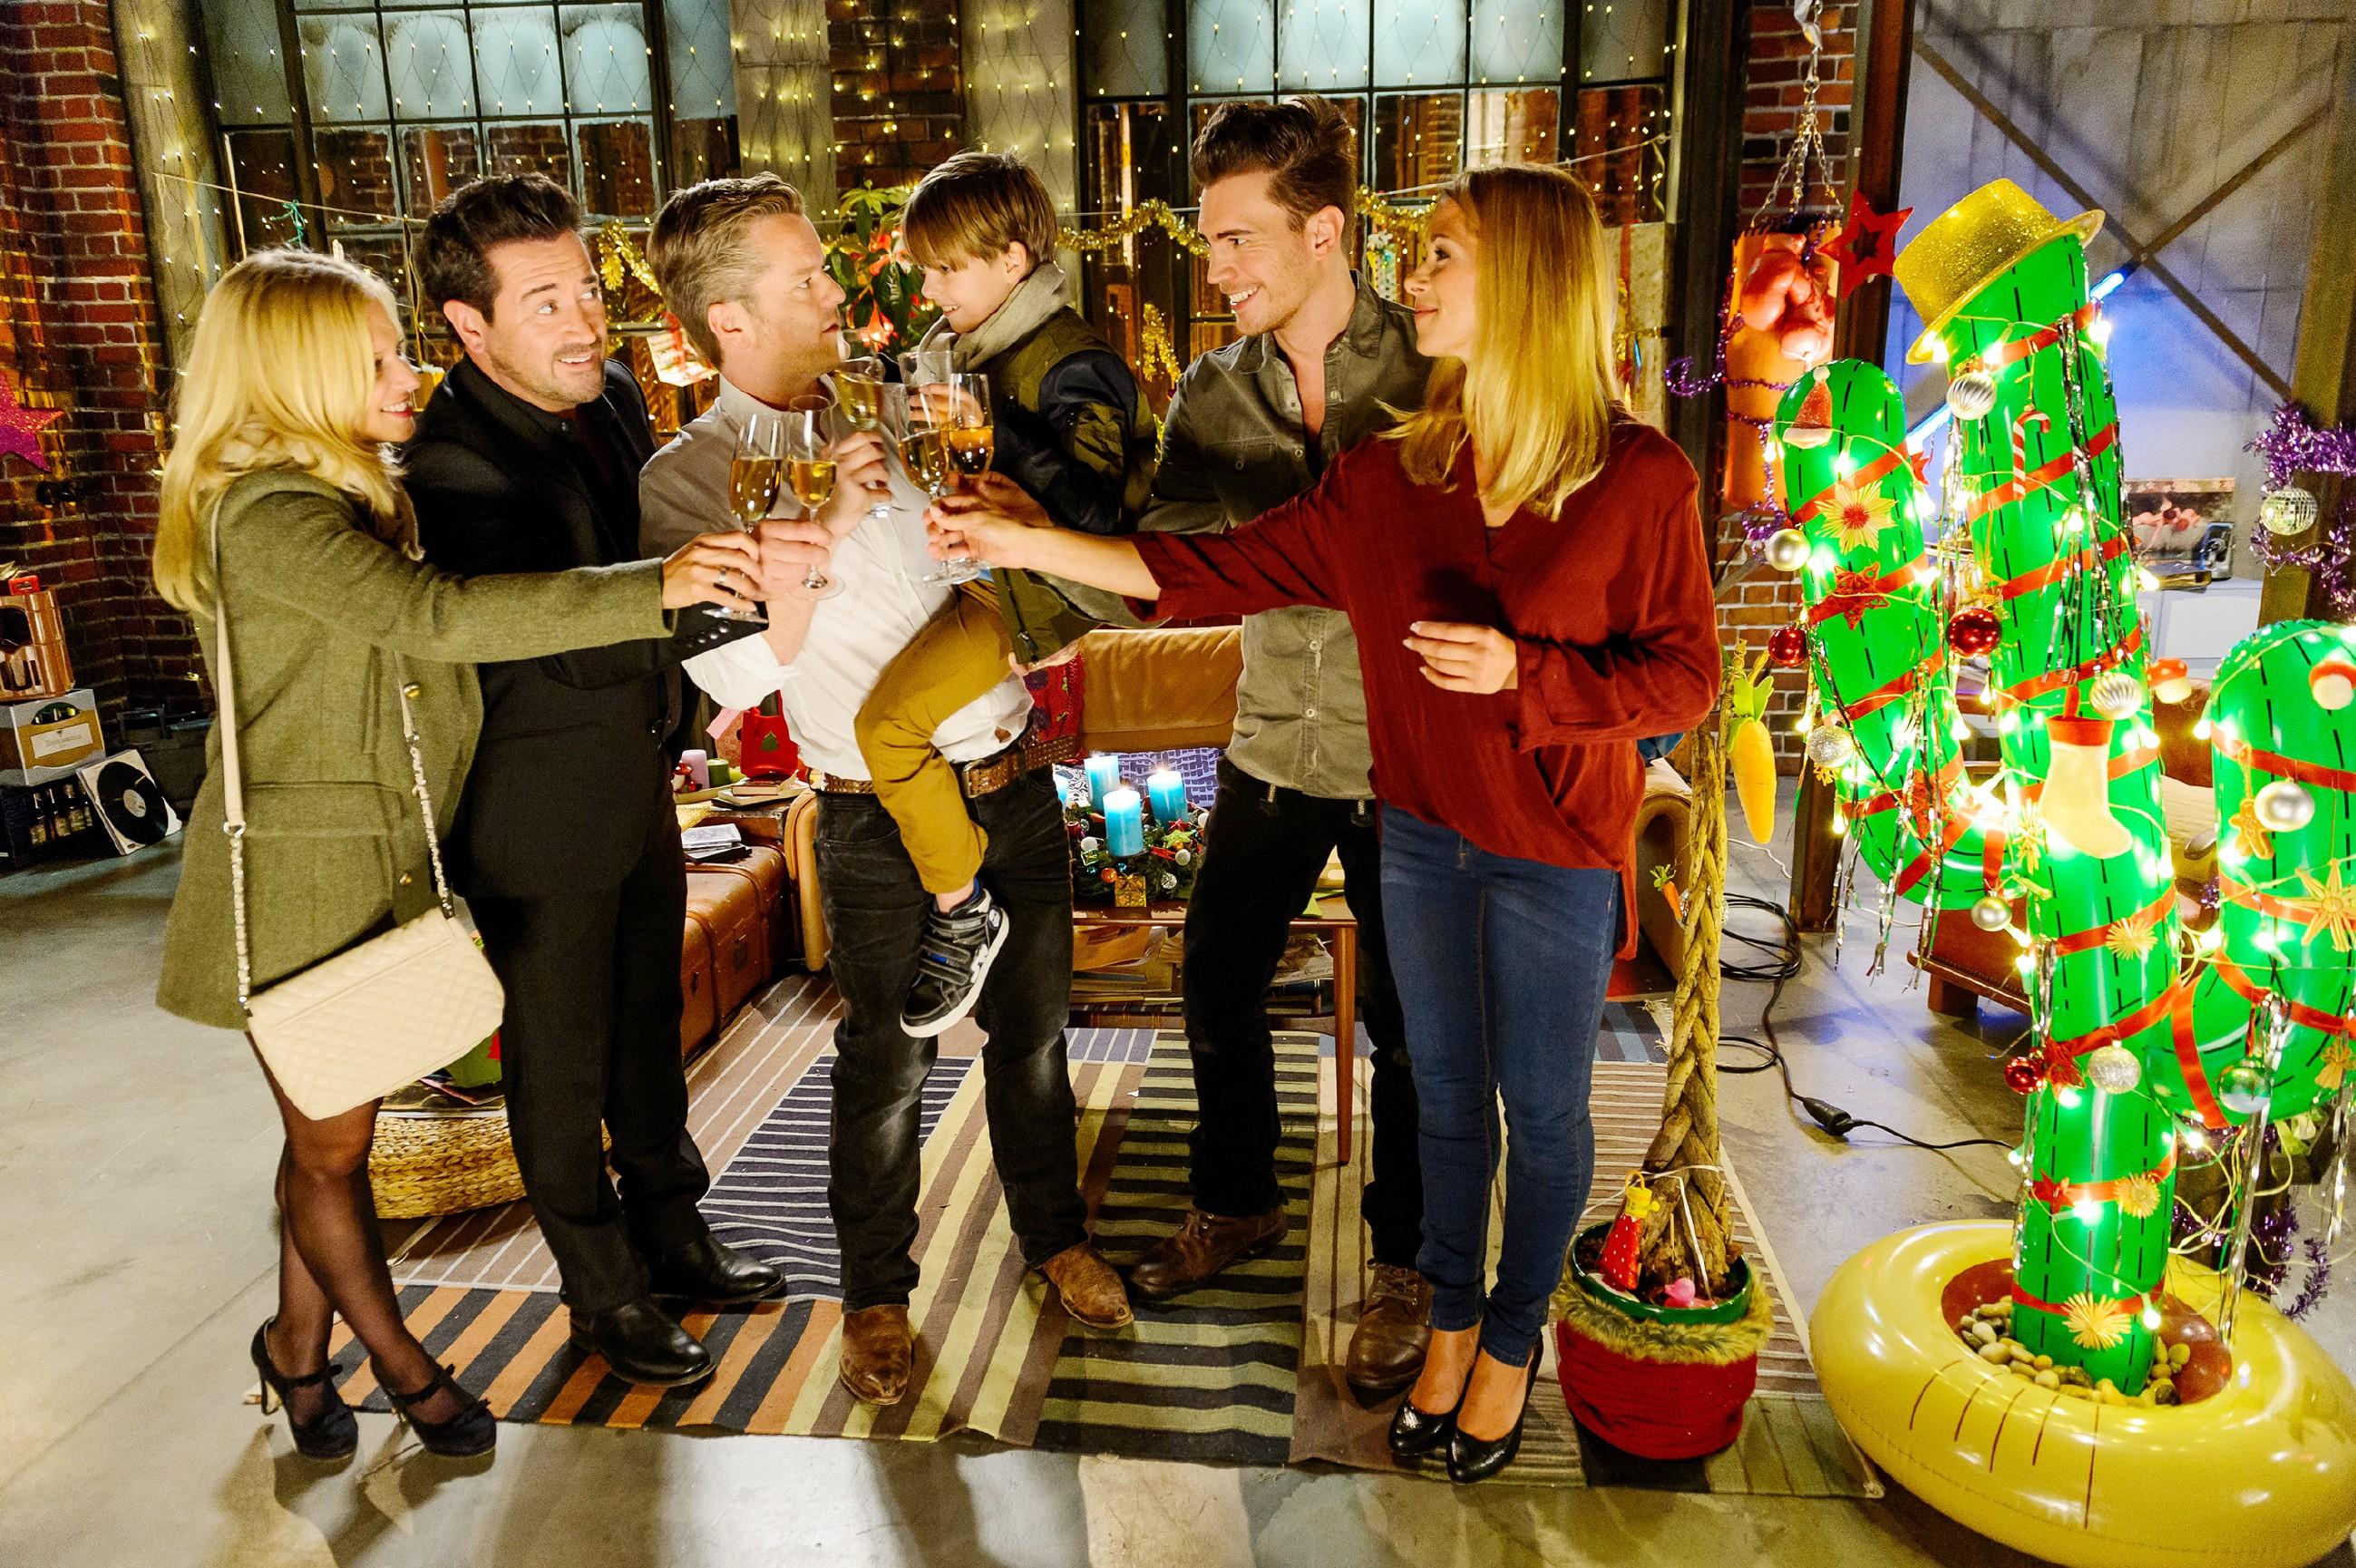 Trotz Plastik-Kaktus statt Tannenbaum wird das vorgezogene Weihnachtsfest ein voller Erfolg: Ausgelassen stoßen (v.l.) Lena (Juliette Greco), Marian (Sam Eisenstein), Ingo (André Dietz), Alexander (Ralf-Maximilan Prack), Ronny (Bela Klentze) und Diana (Tanja Szewczenko) auf Weihnachten an.